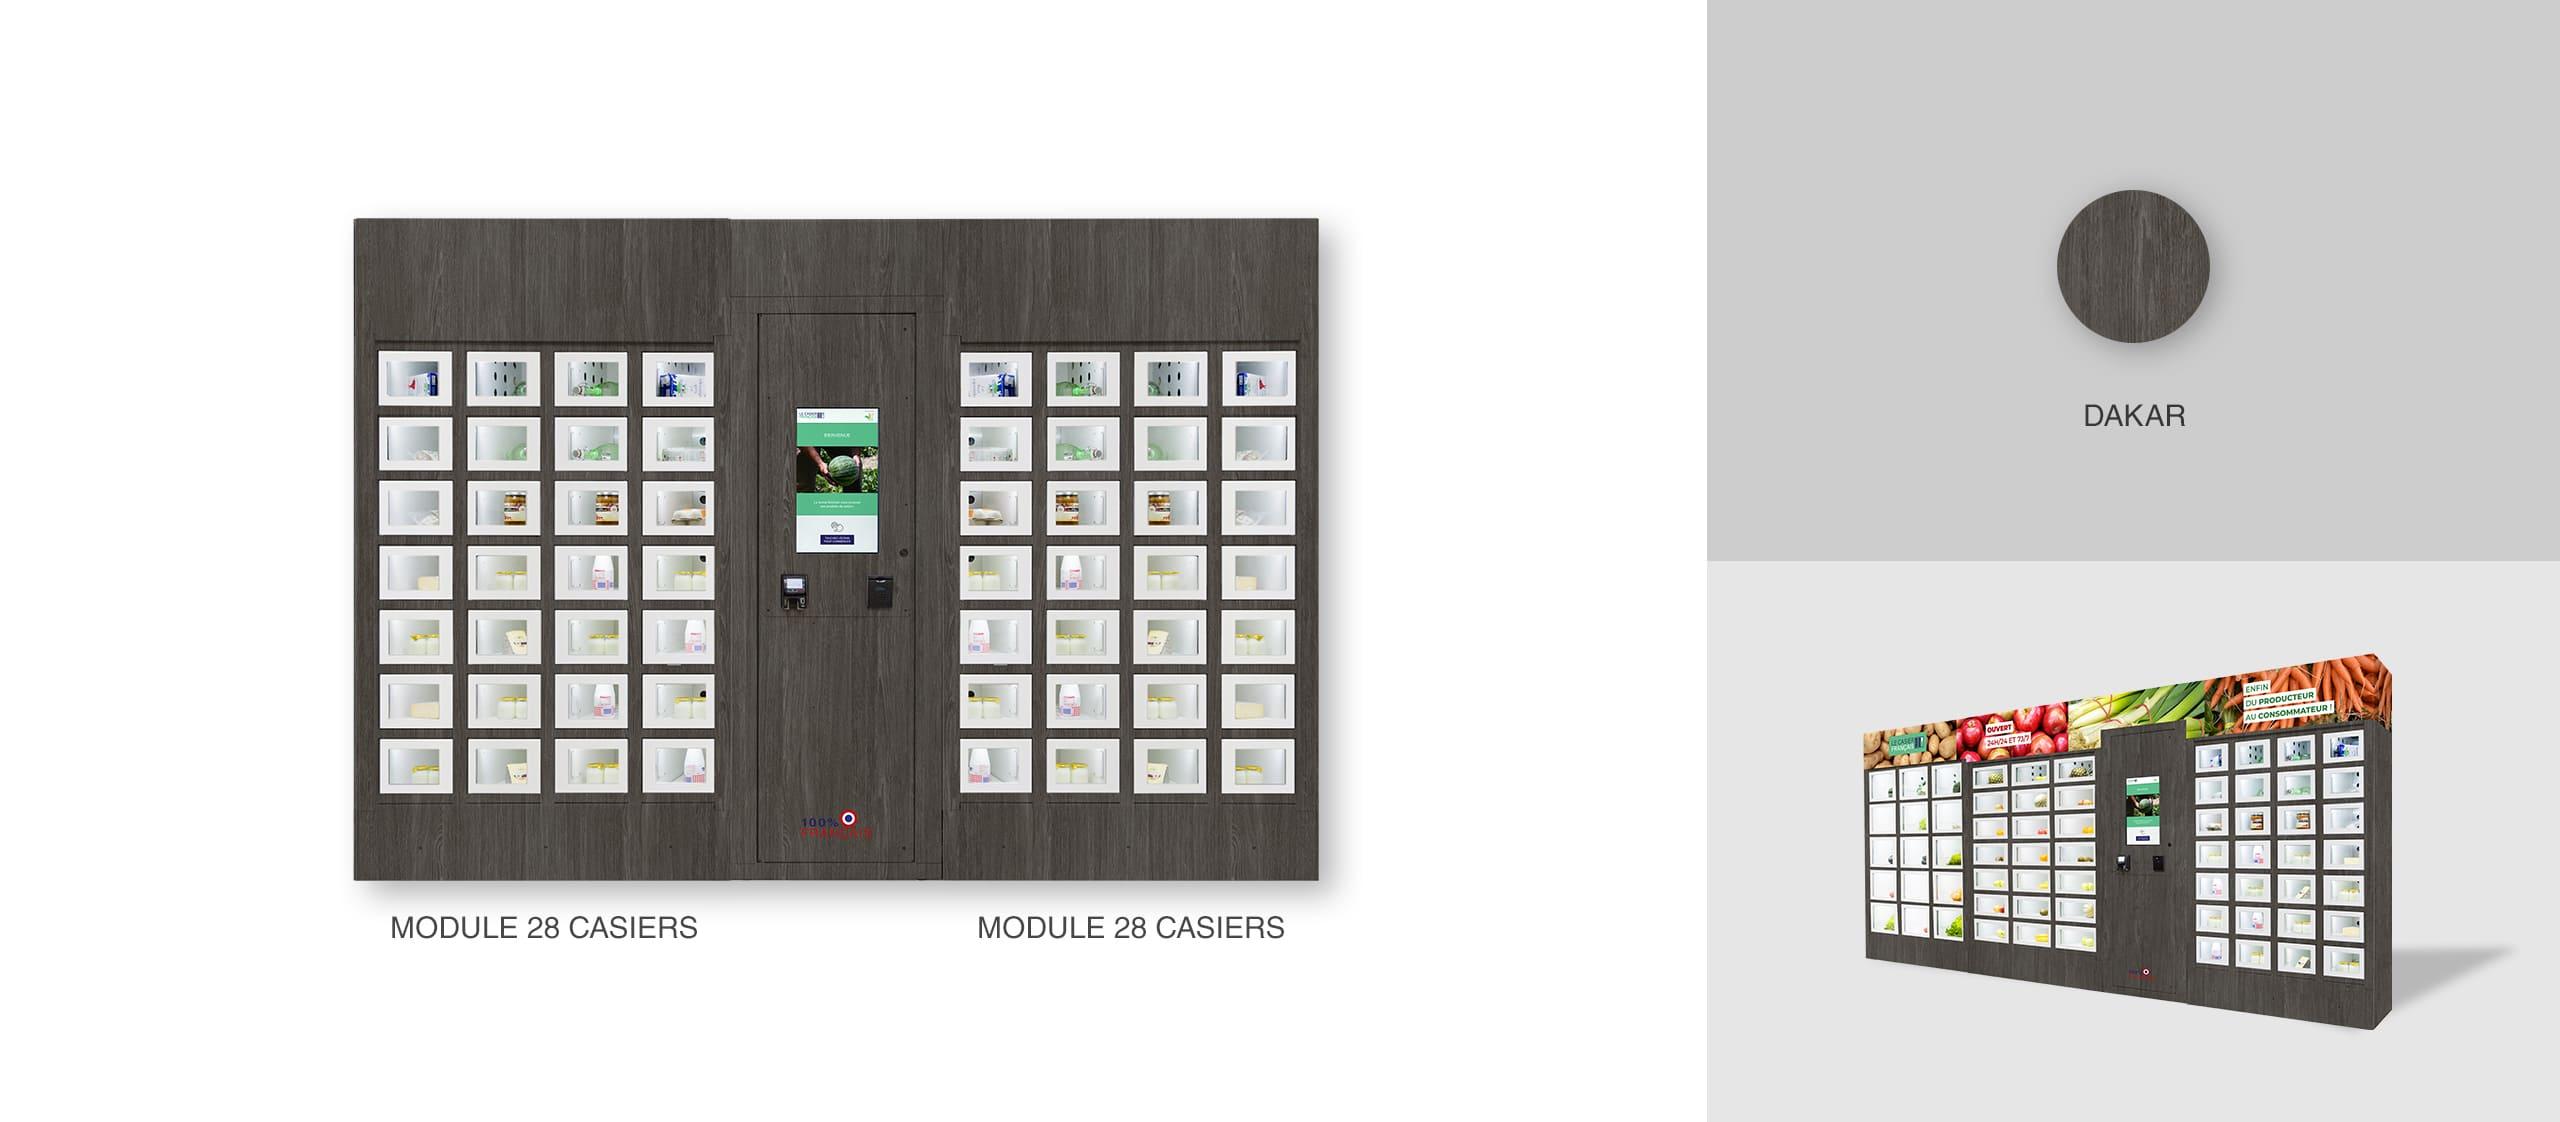 Dakar closing of a Le Casier Français vending machine